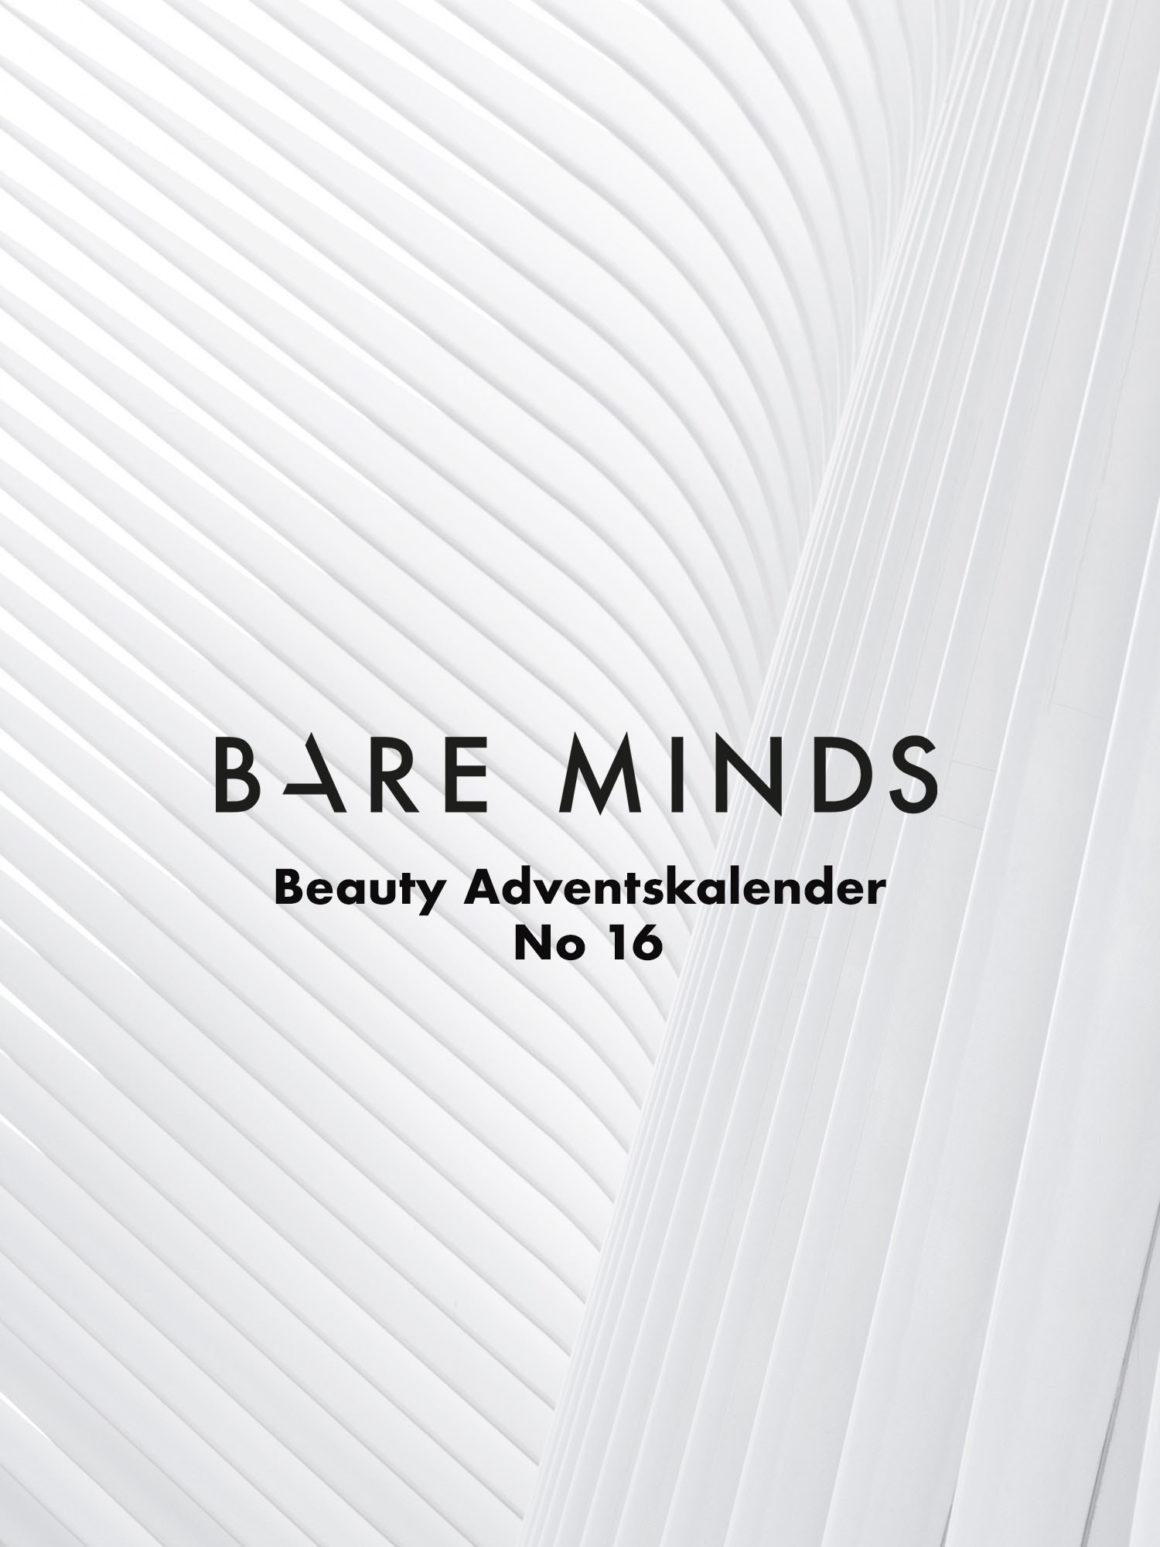 Bare Minds Adventskalener christian-perner-329584-unsplash Kopie